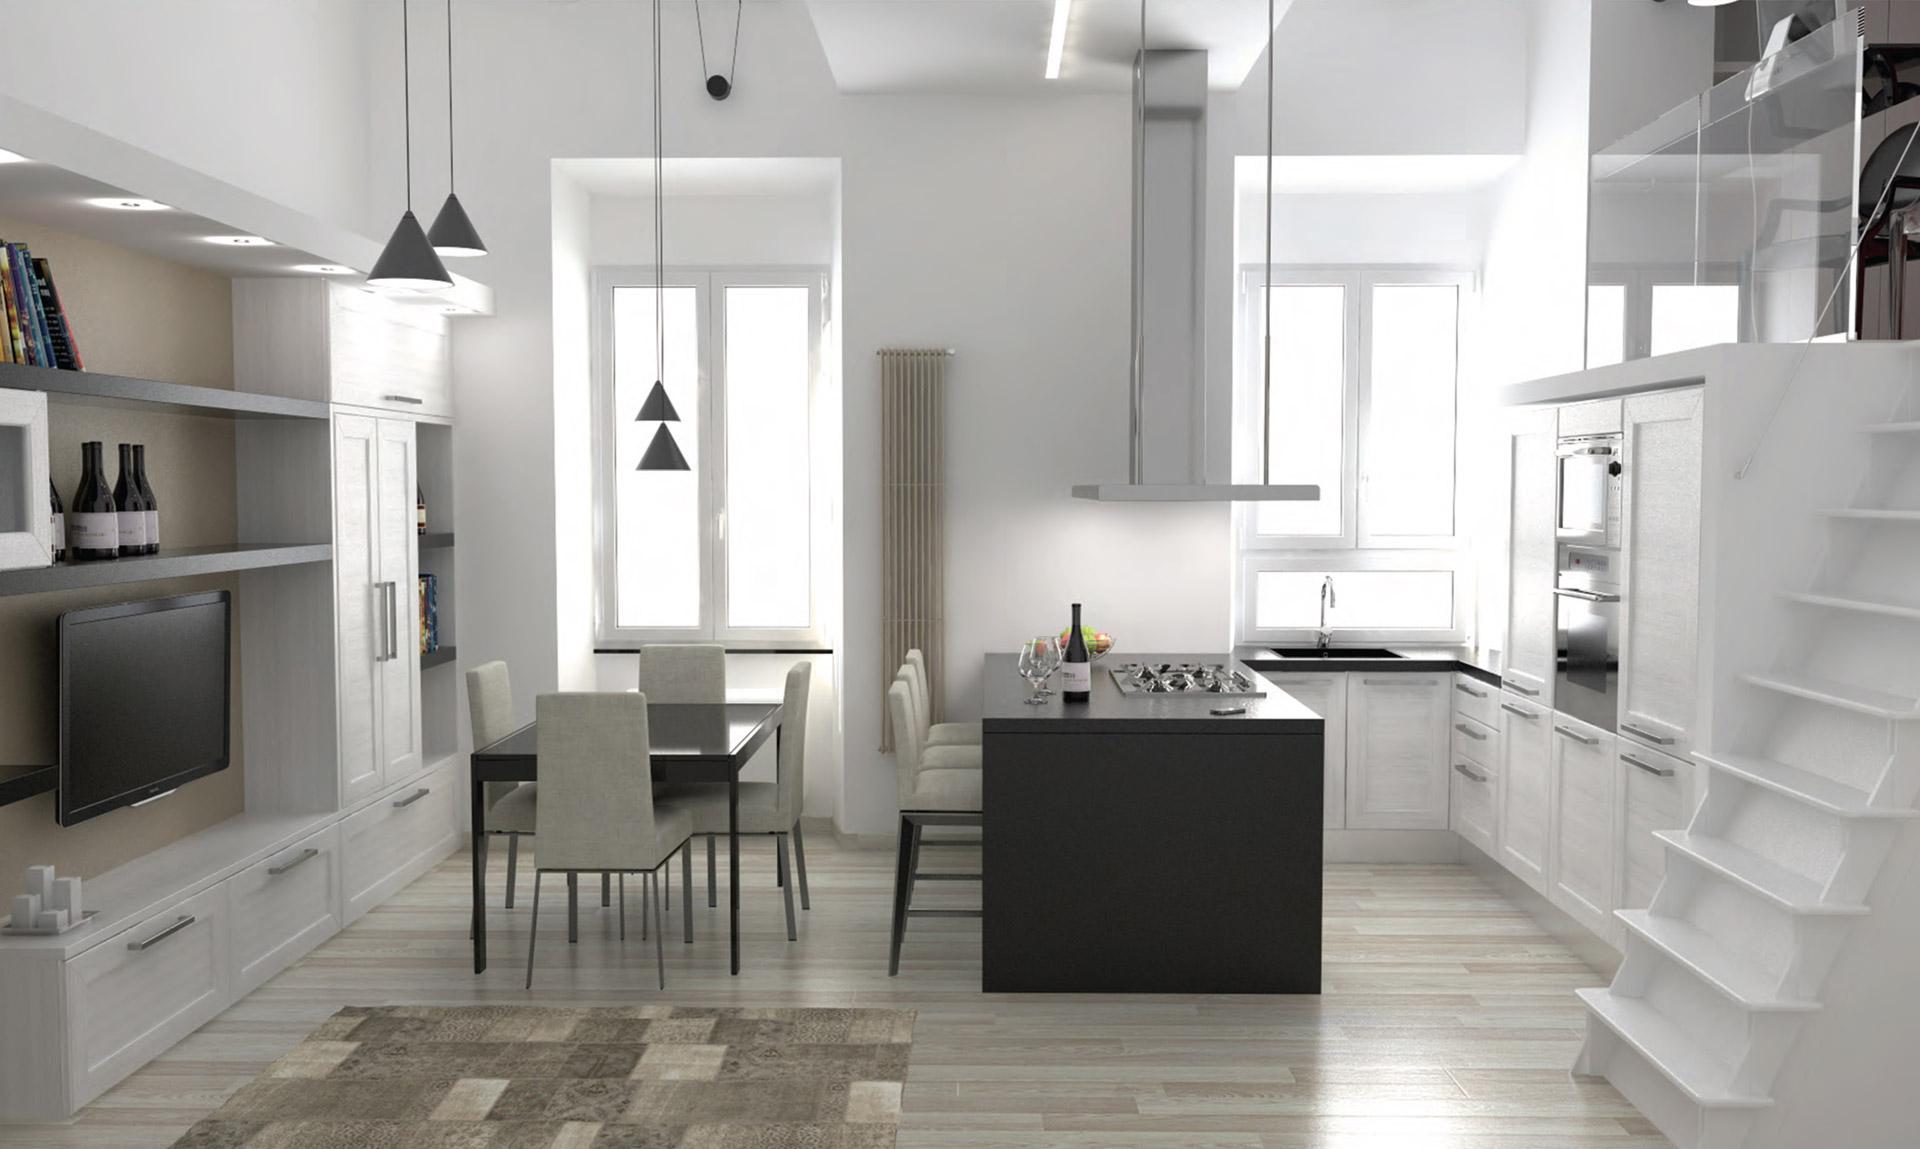 Micada-Group_2016-Appartamento-San-Lorenzo-Ristrutturazione_03.jpg